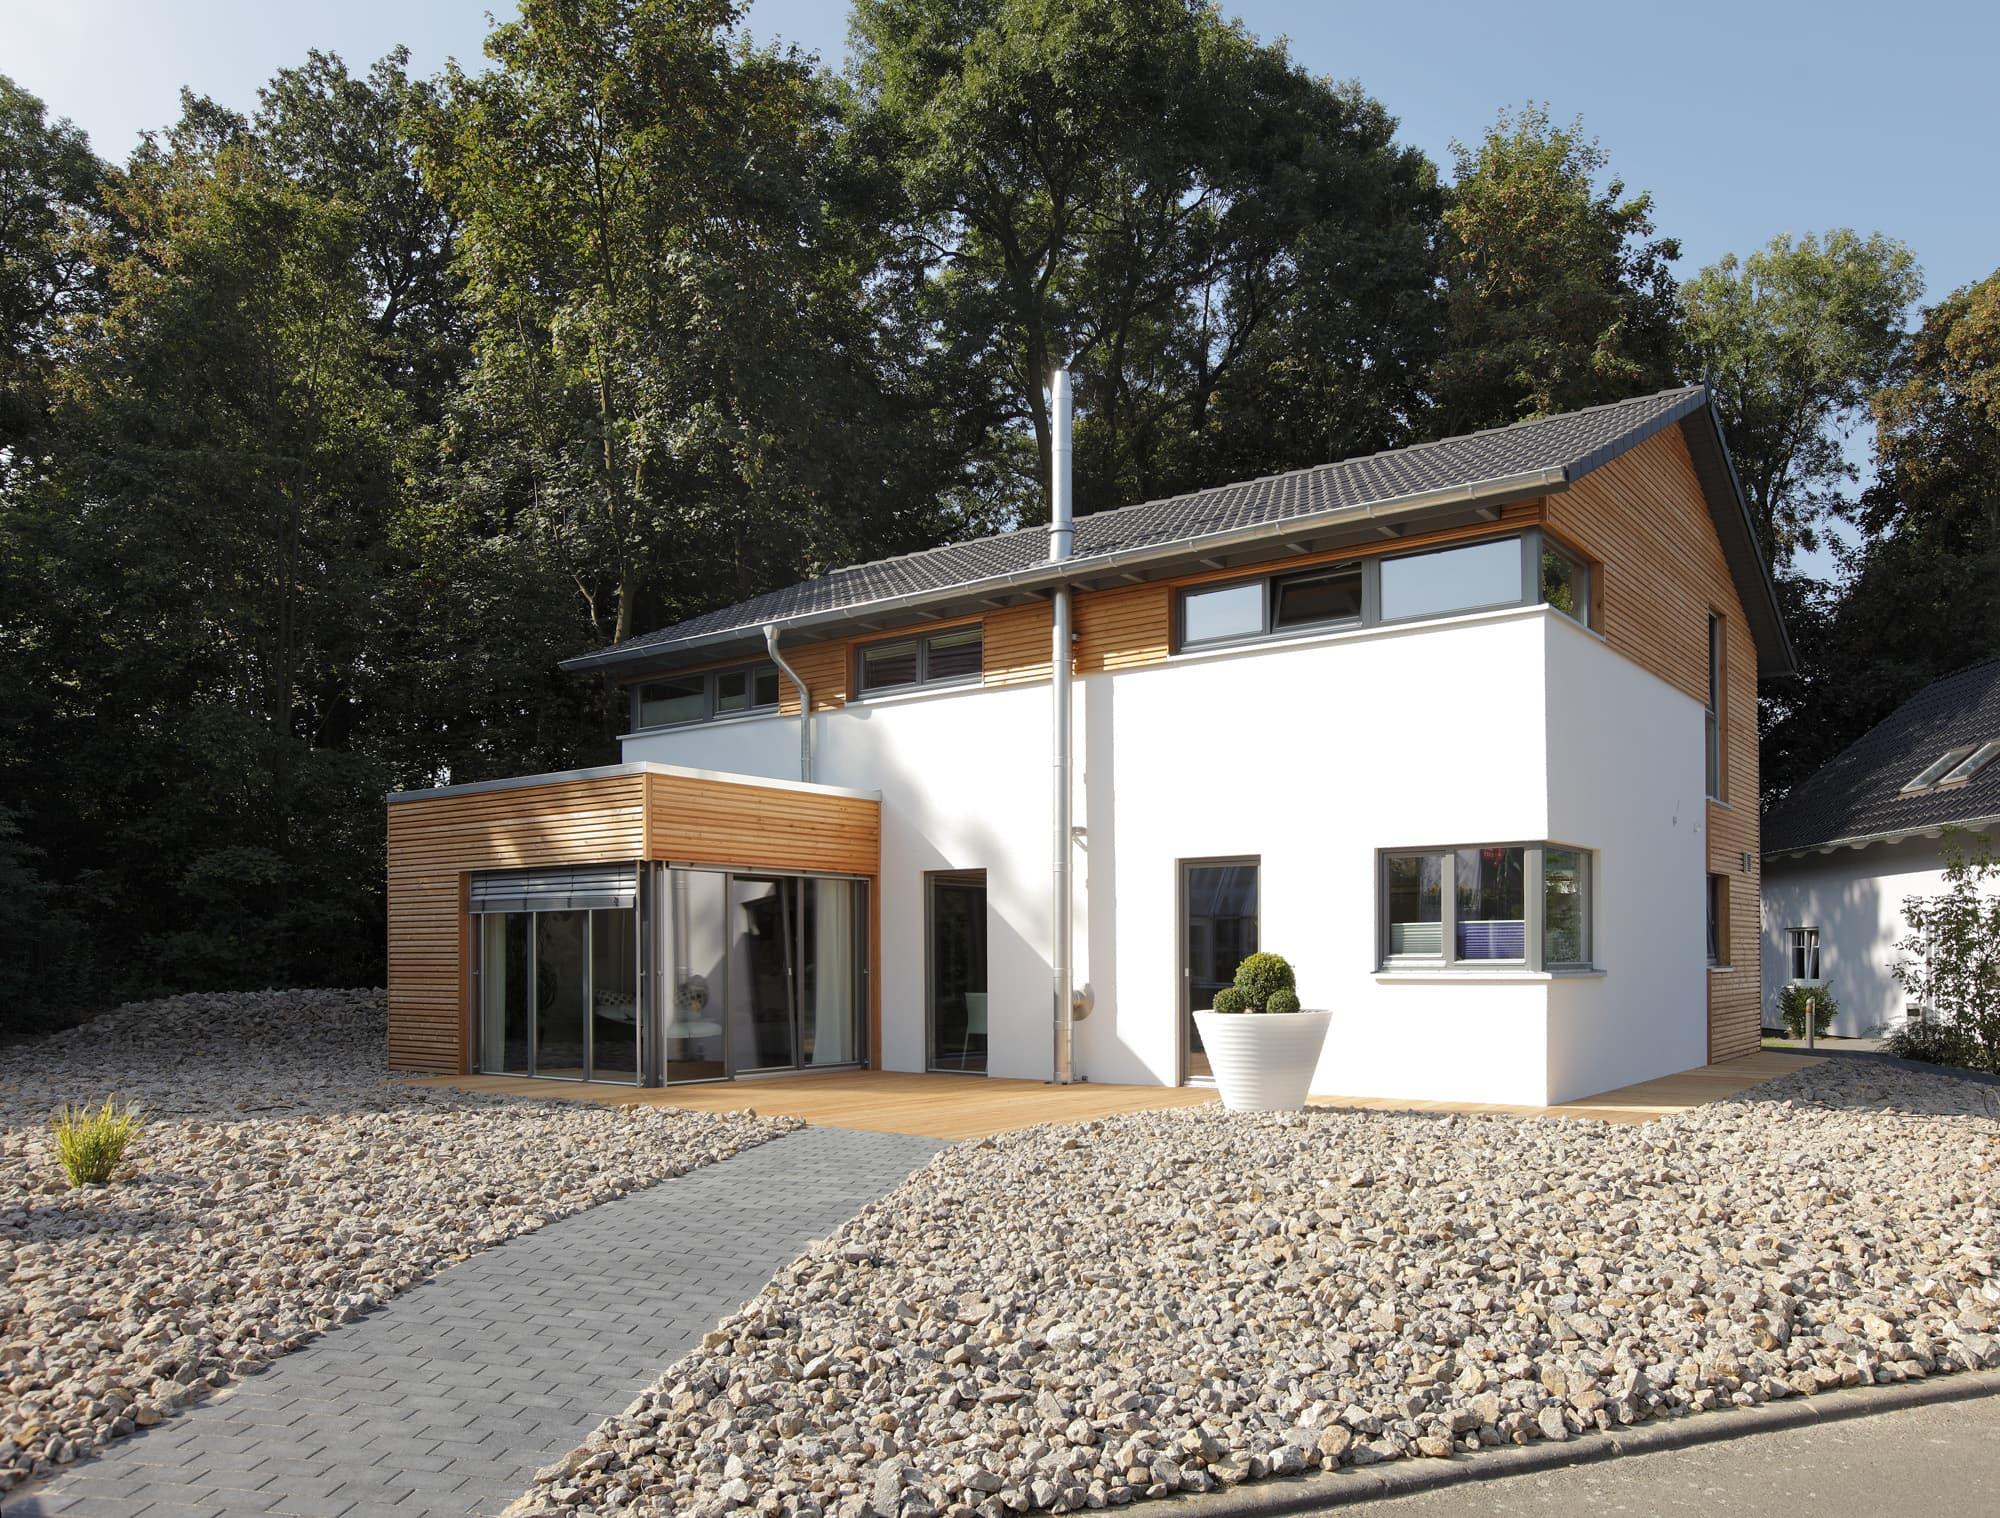 Ausstellung Eigenheim und Garten Bad Vilbel bei Frankfurt